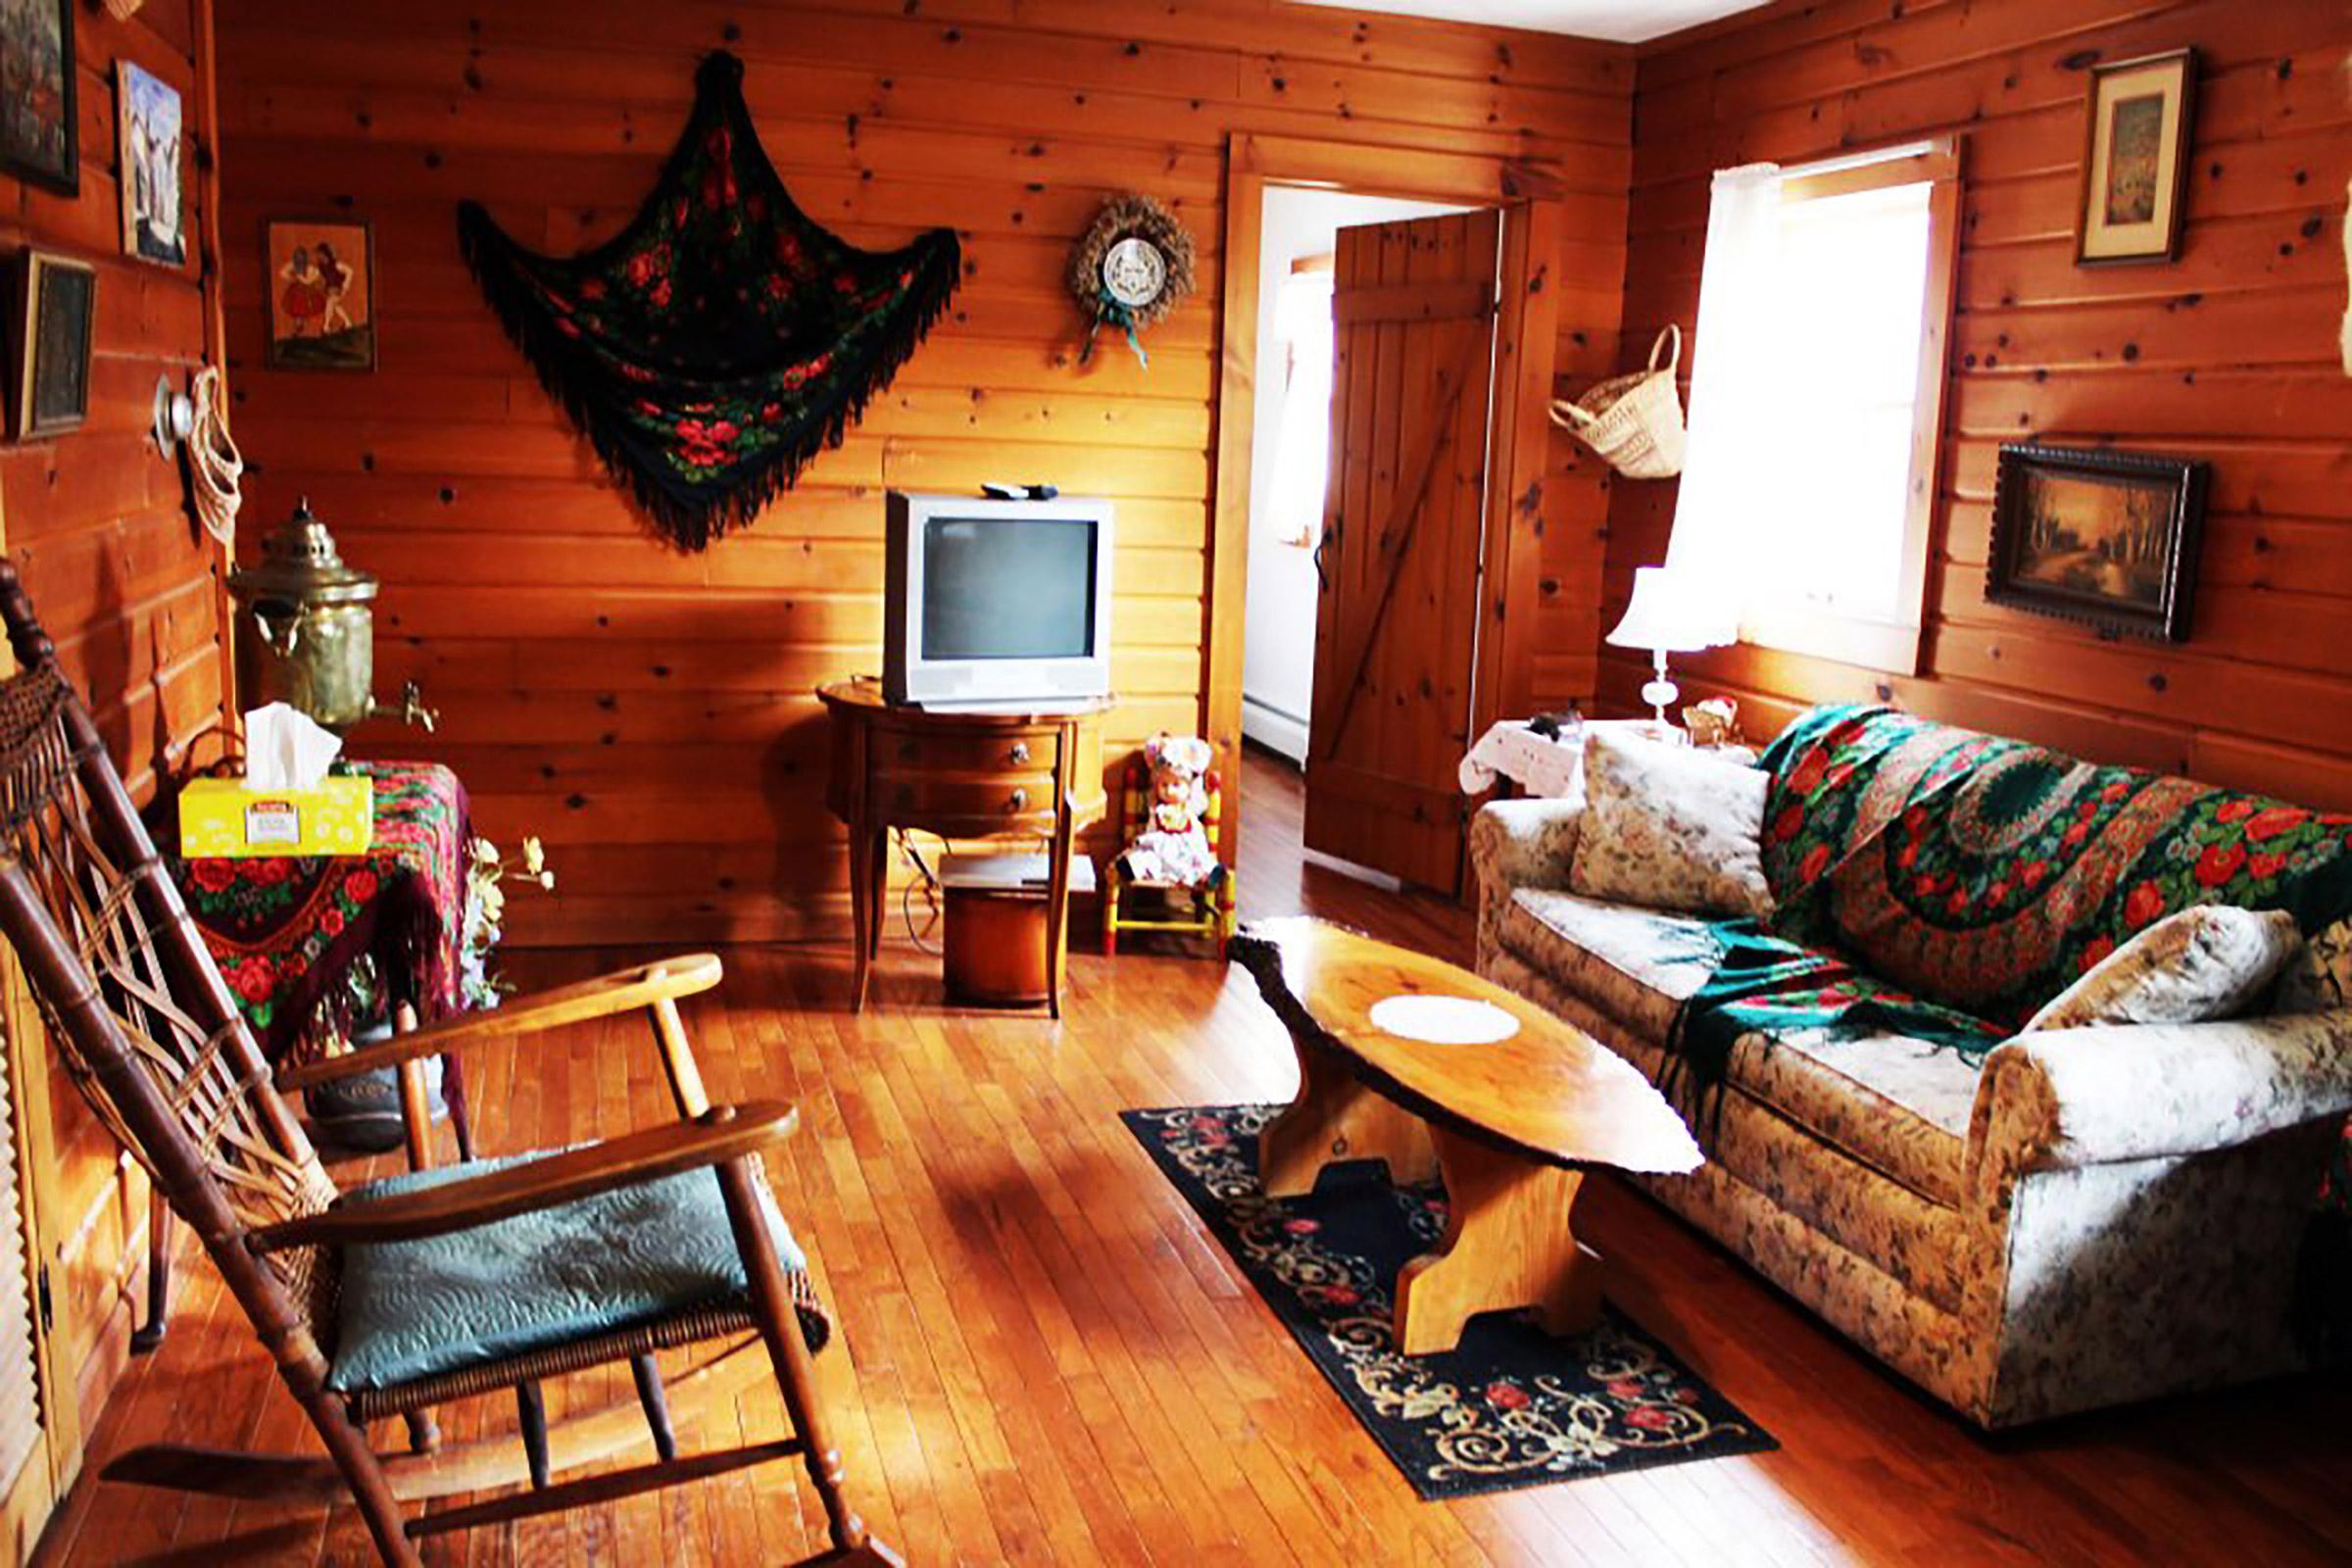 В гостиной в деревенком стиле часто можно увидеть декоративные предметы с национальном колоритом